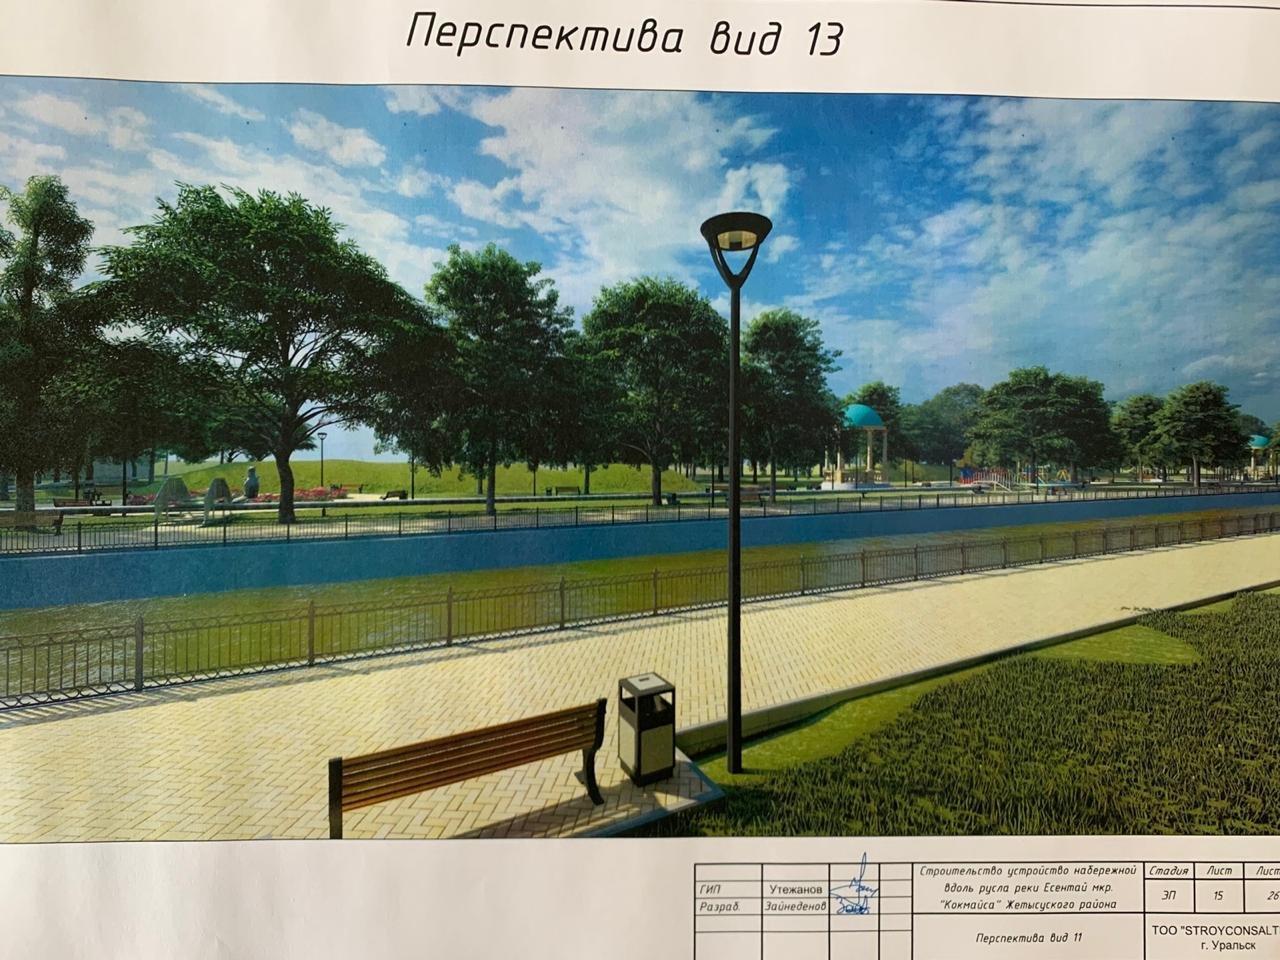 В Жетысуском районе Алматы планируют построить парковую зону вдоль набережной реки Есентай, фото-9